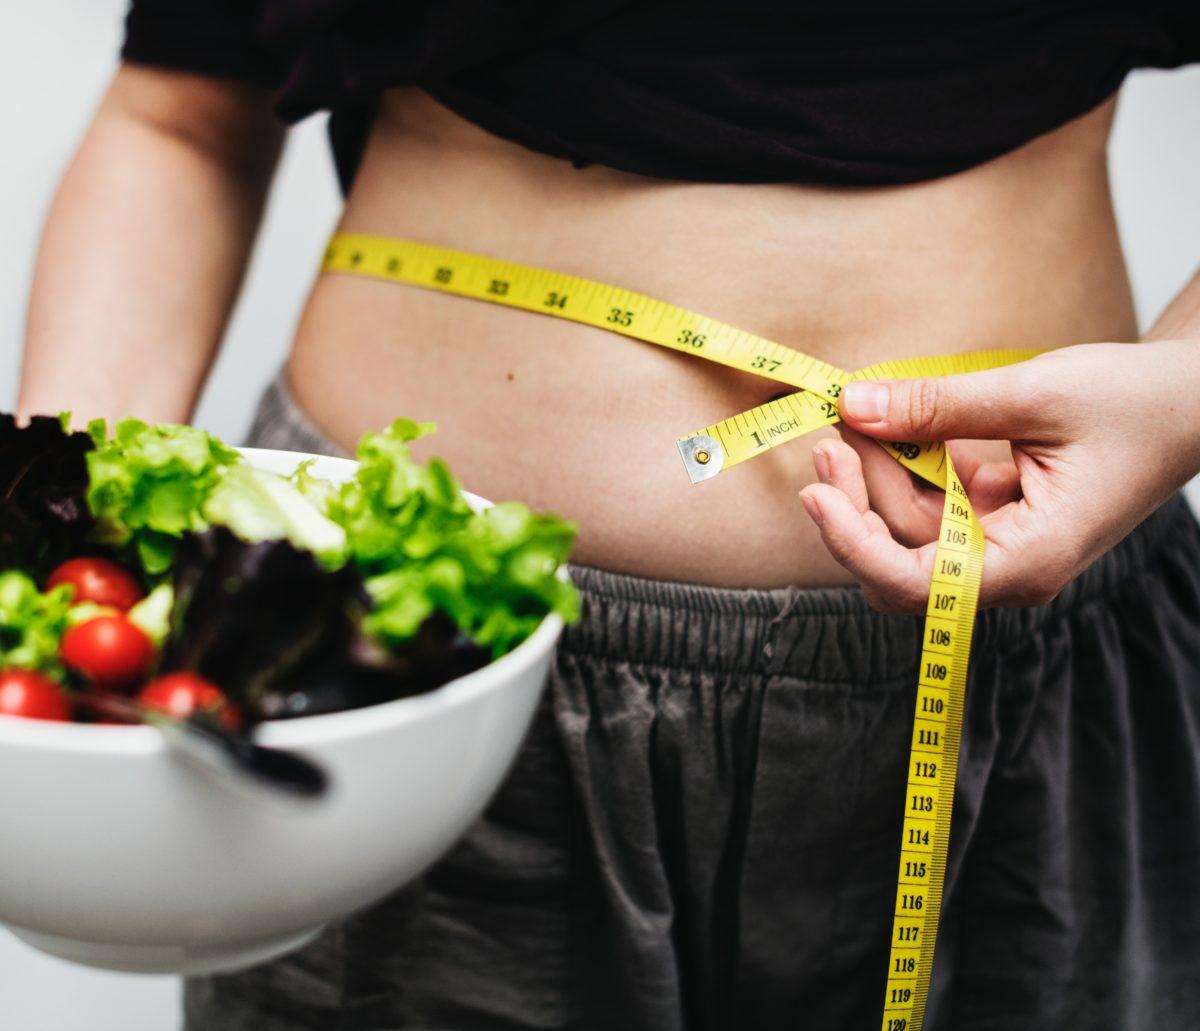 Простая диета для похудения живота и боков. быстрая, легкая и эффективная диета для похудения живота и тонкой талии, примеры меню.